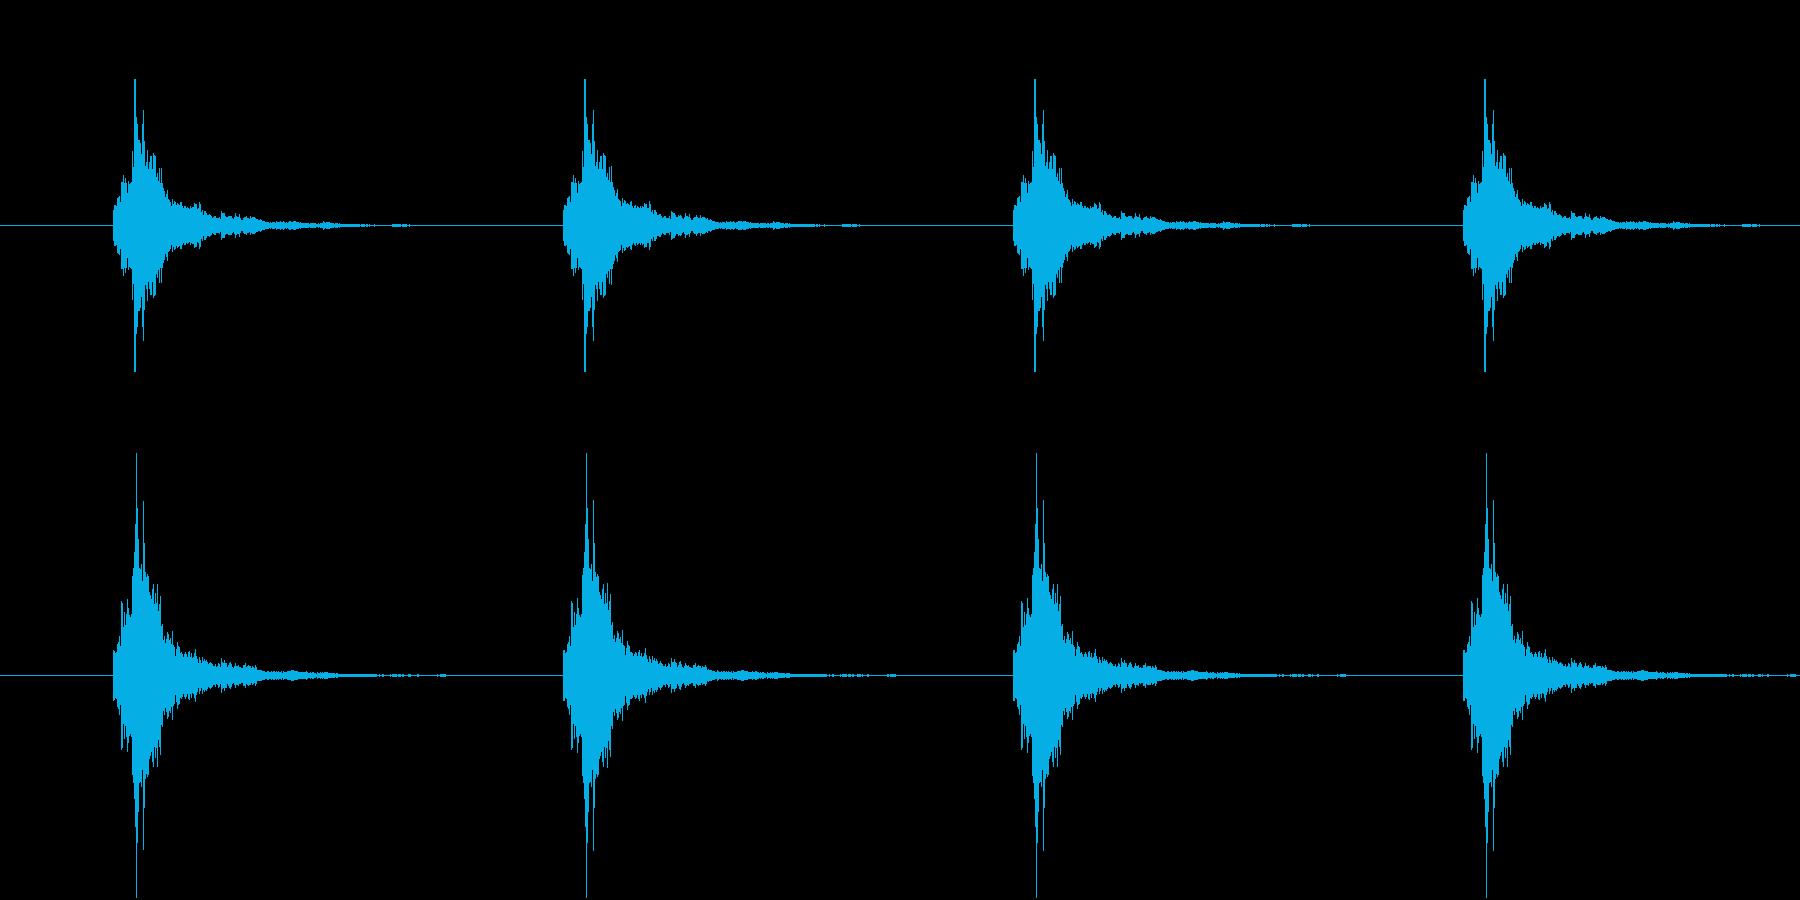 鈴が鳴る音(和風ホラー向け・ループ可能)の再生済みの波形